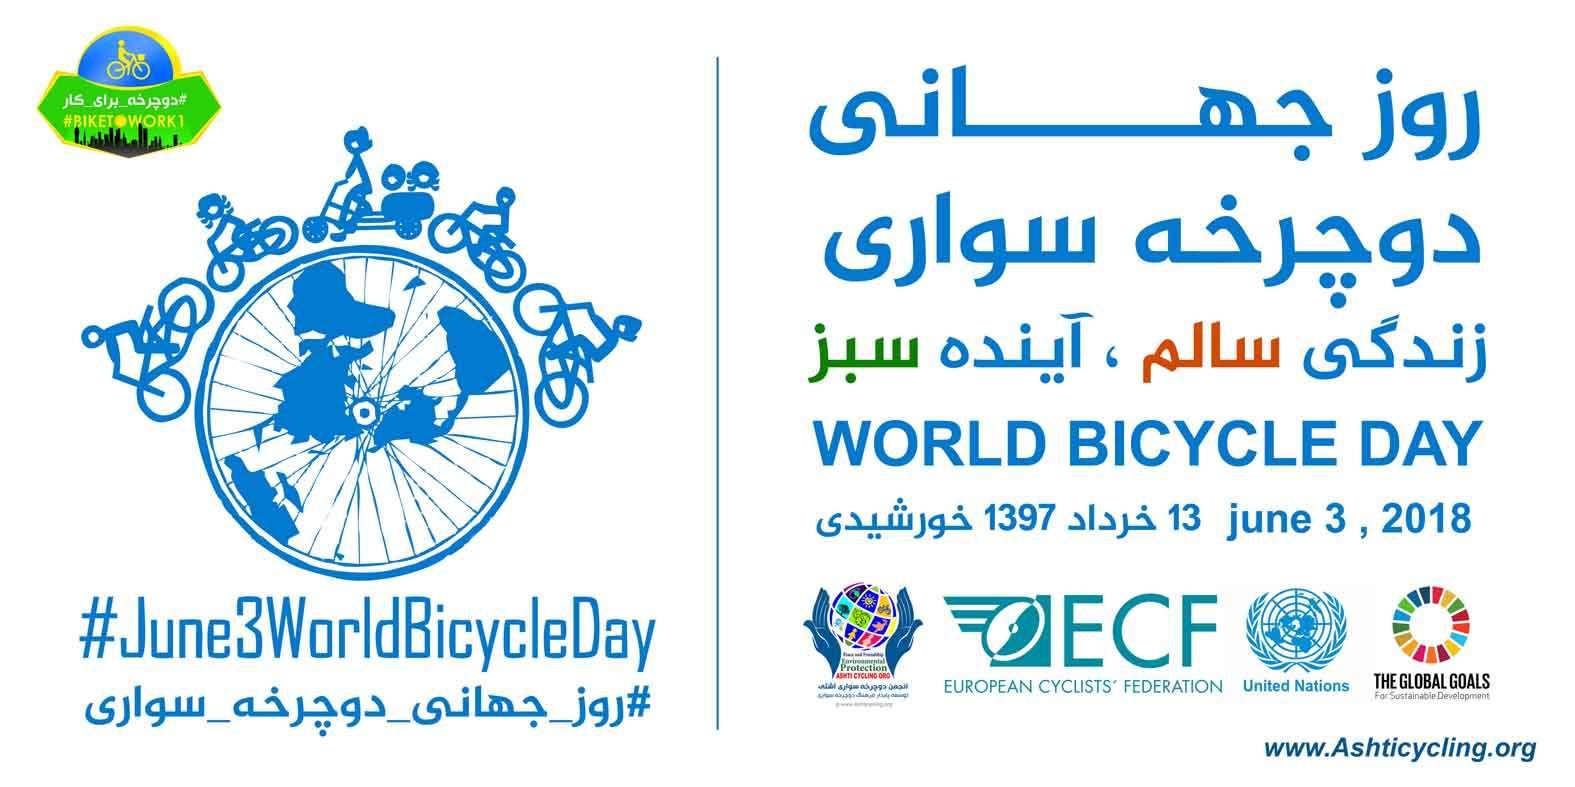 بنر 200x100cm جهت استفاده به مناسبت روز جهانی دوچرخه سواری